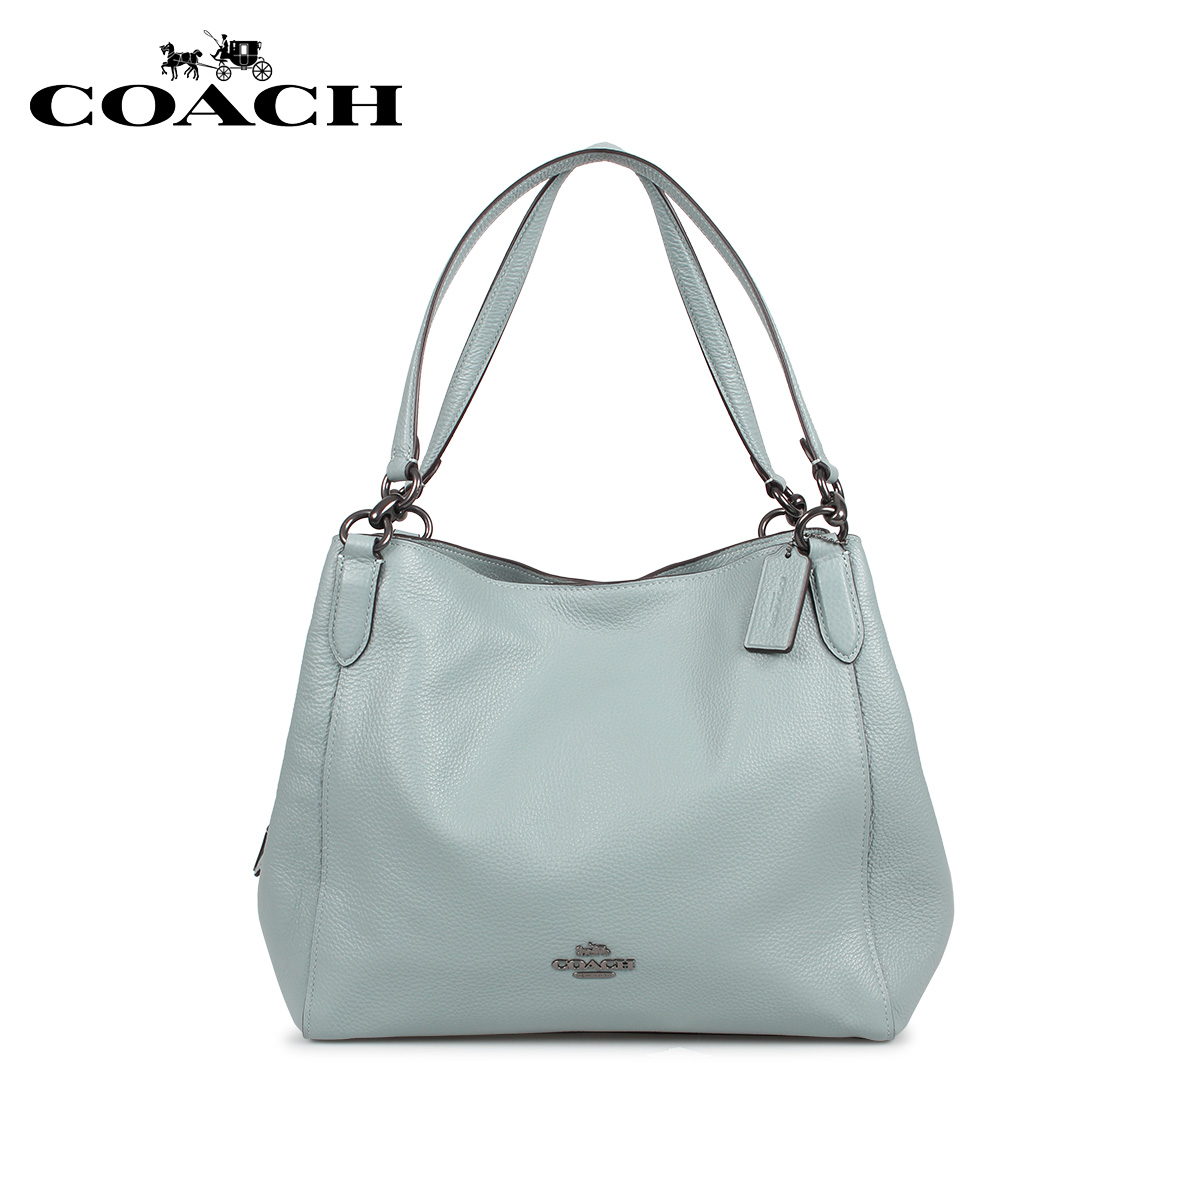 COACH コーチ バッグ ハンドバッグ レディース ブルー F80268 [3/10 新入荷]